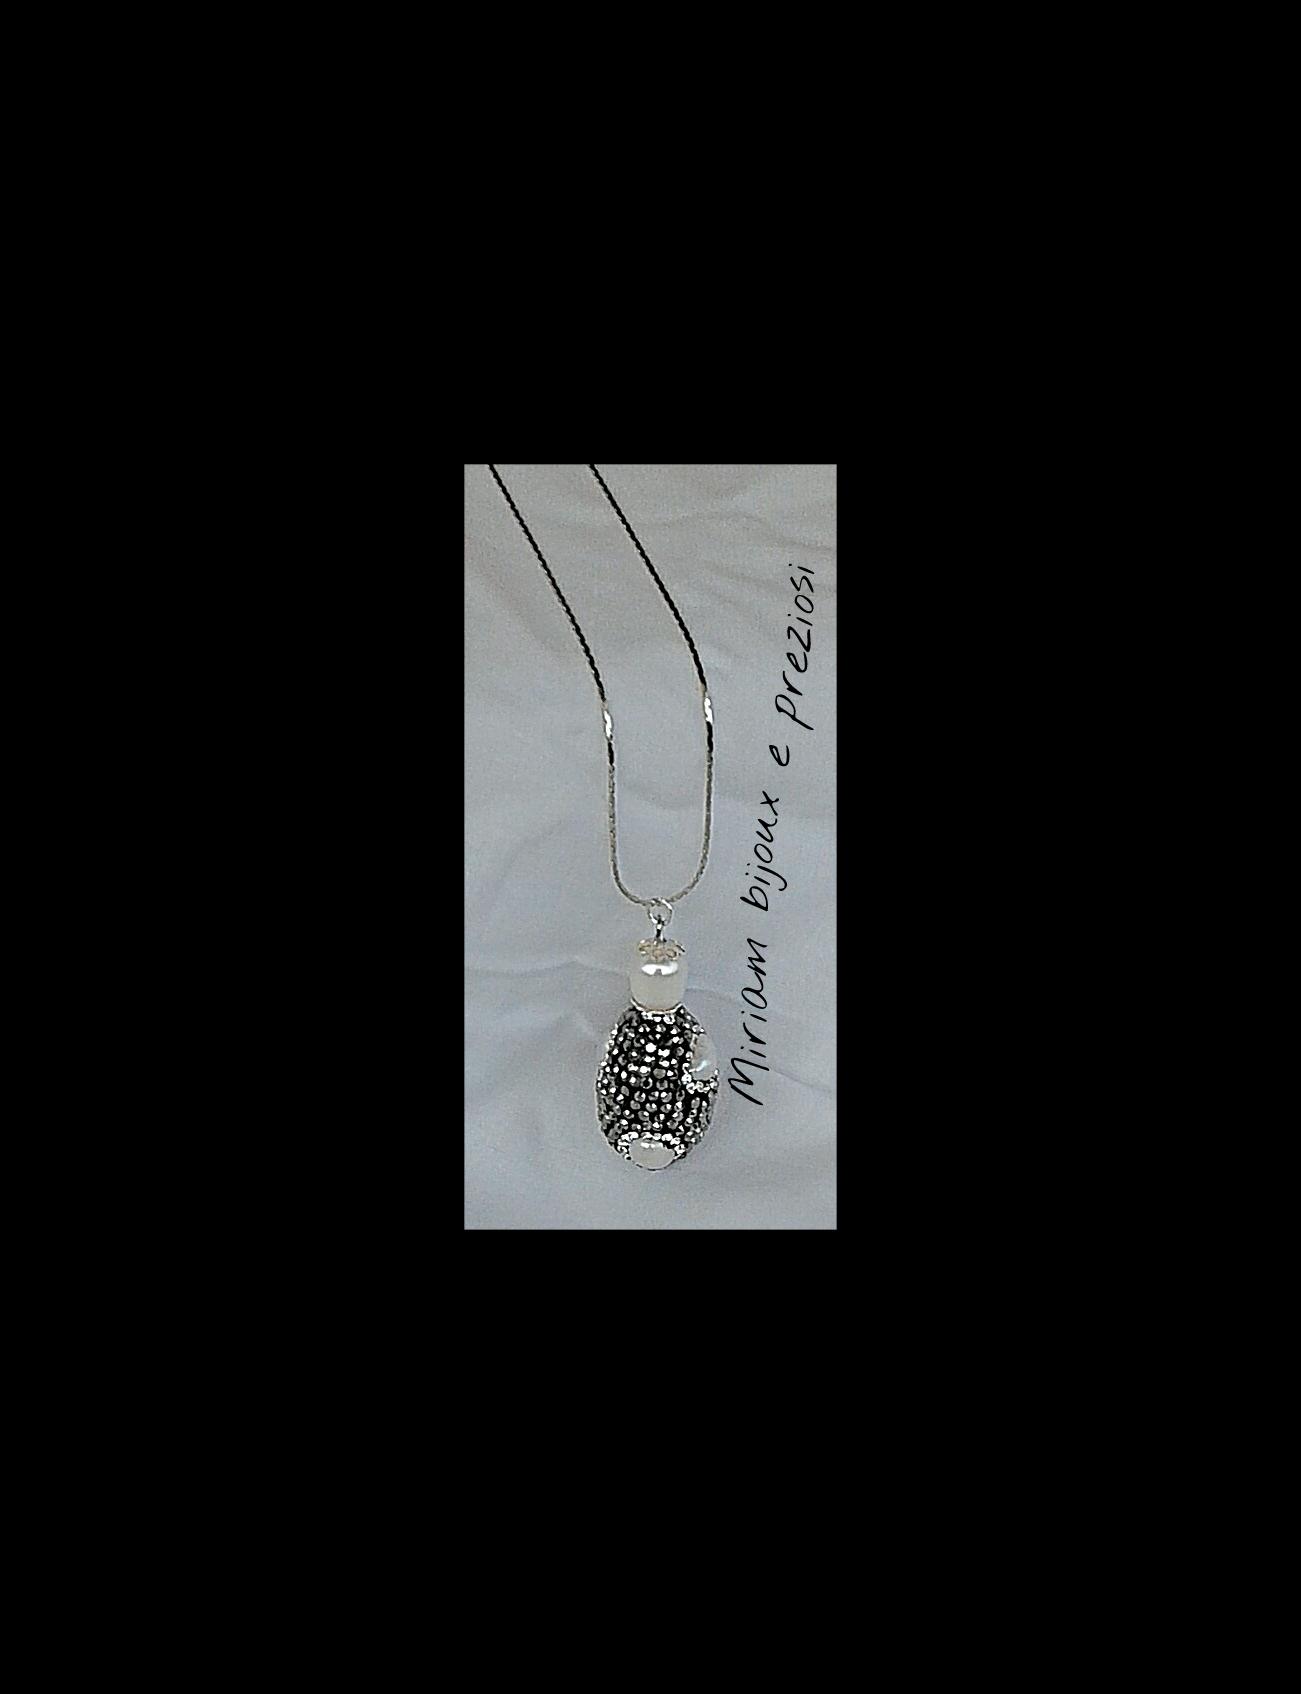 Giroccollo in acciaio realizzato con pendente in marcasite con perline in madreperla  € 14